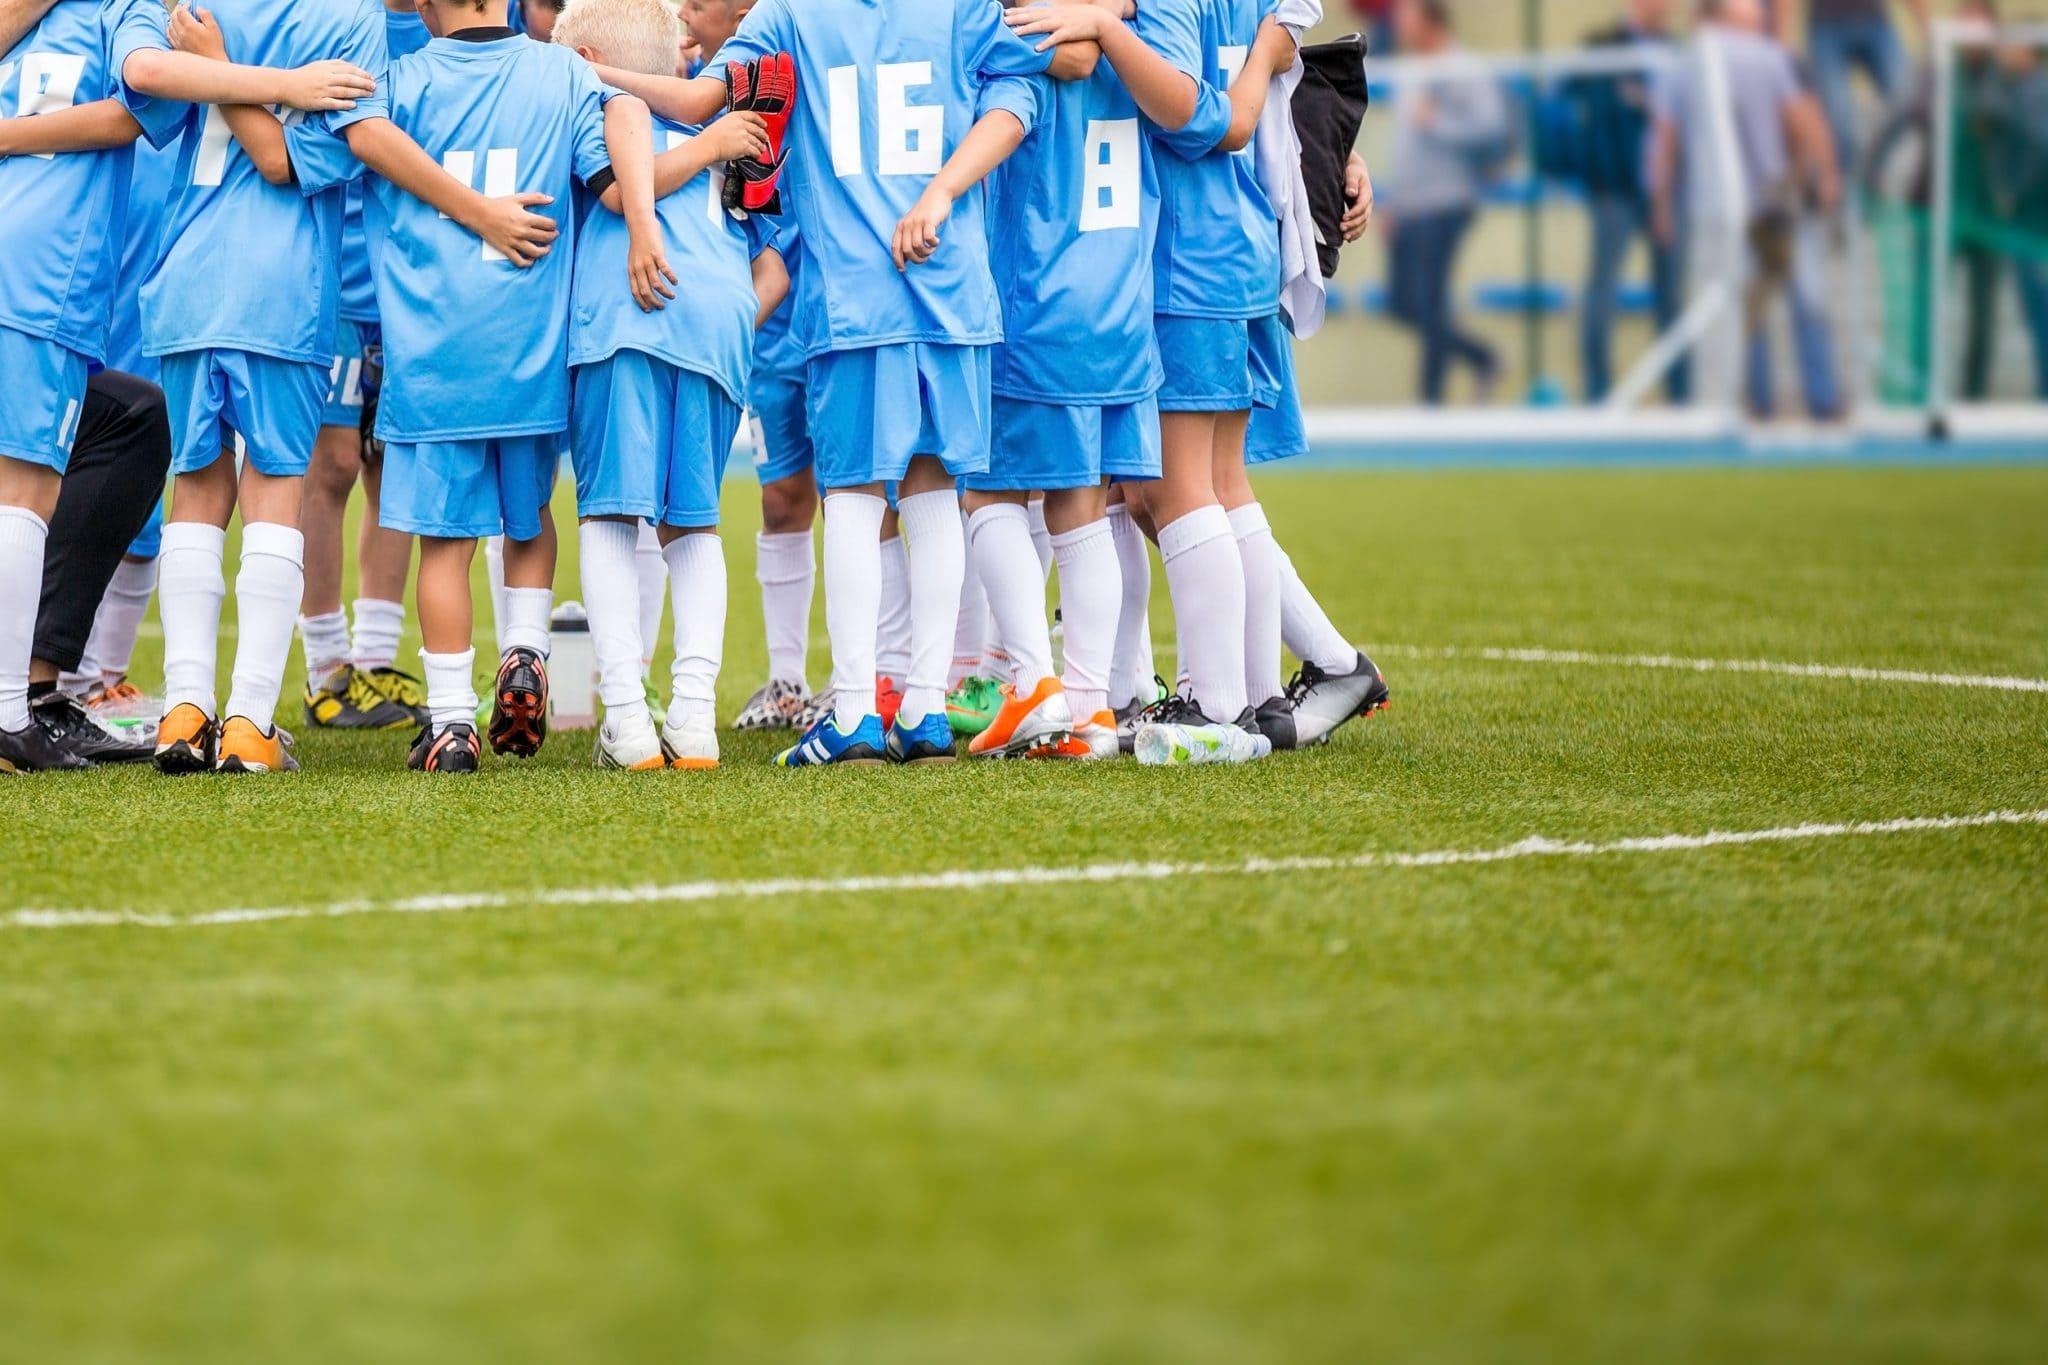 En este momento estás viendo La importancia de una correcta metodología en fútbol formativo